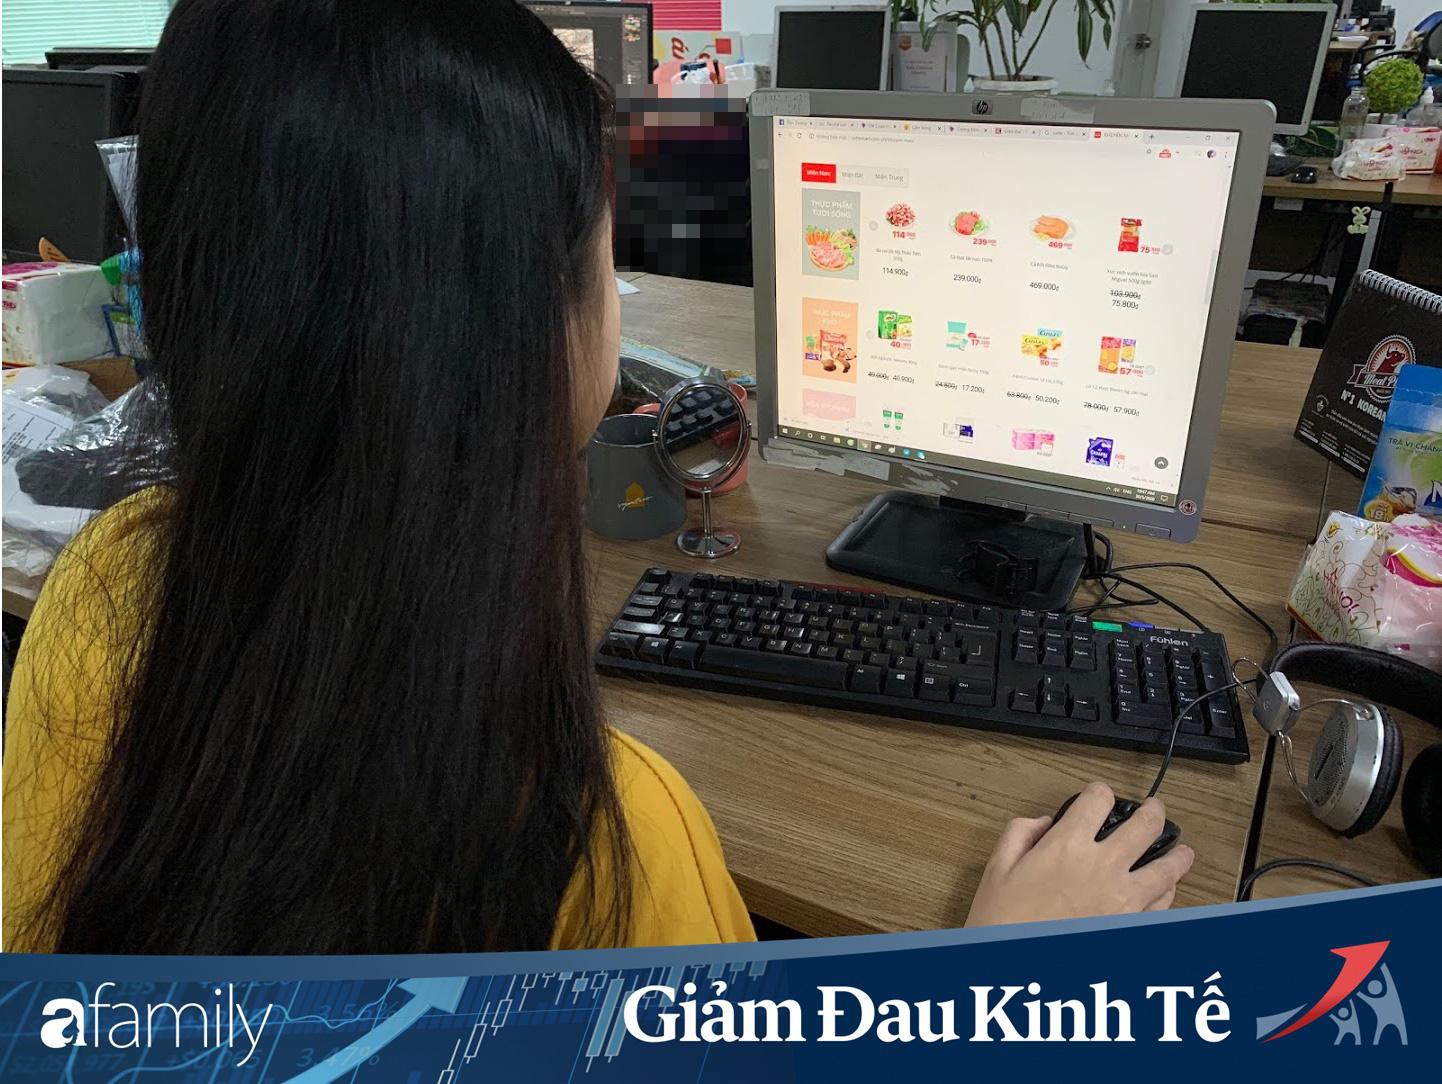 Dù làm việc tại nhà nhưng tinh thần vẫn phơi phới nếu chị em nội trợ biết áp dụng các công nghệ thông minh-1